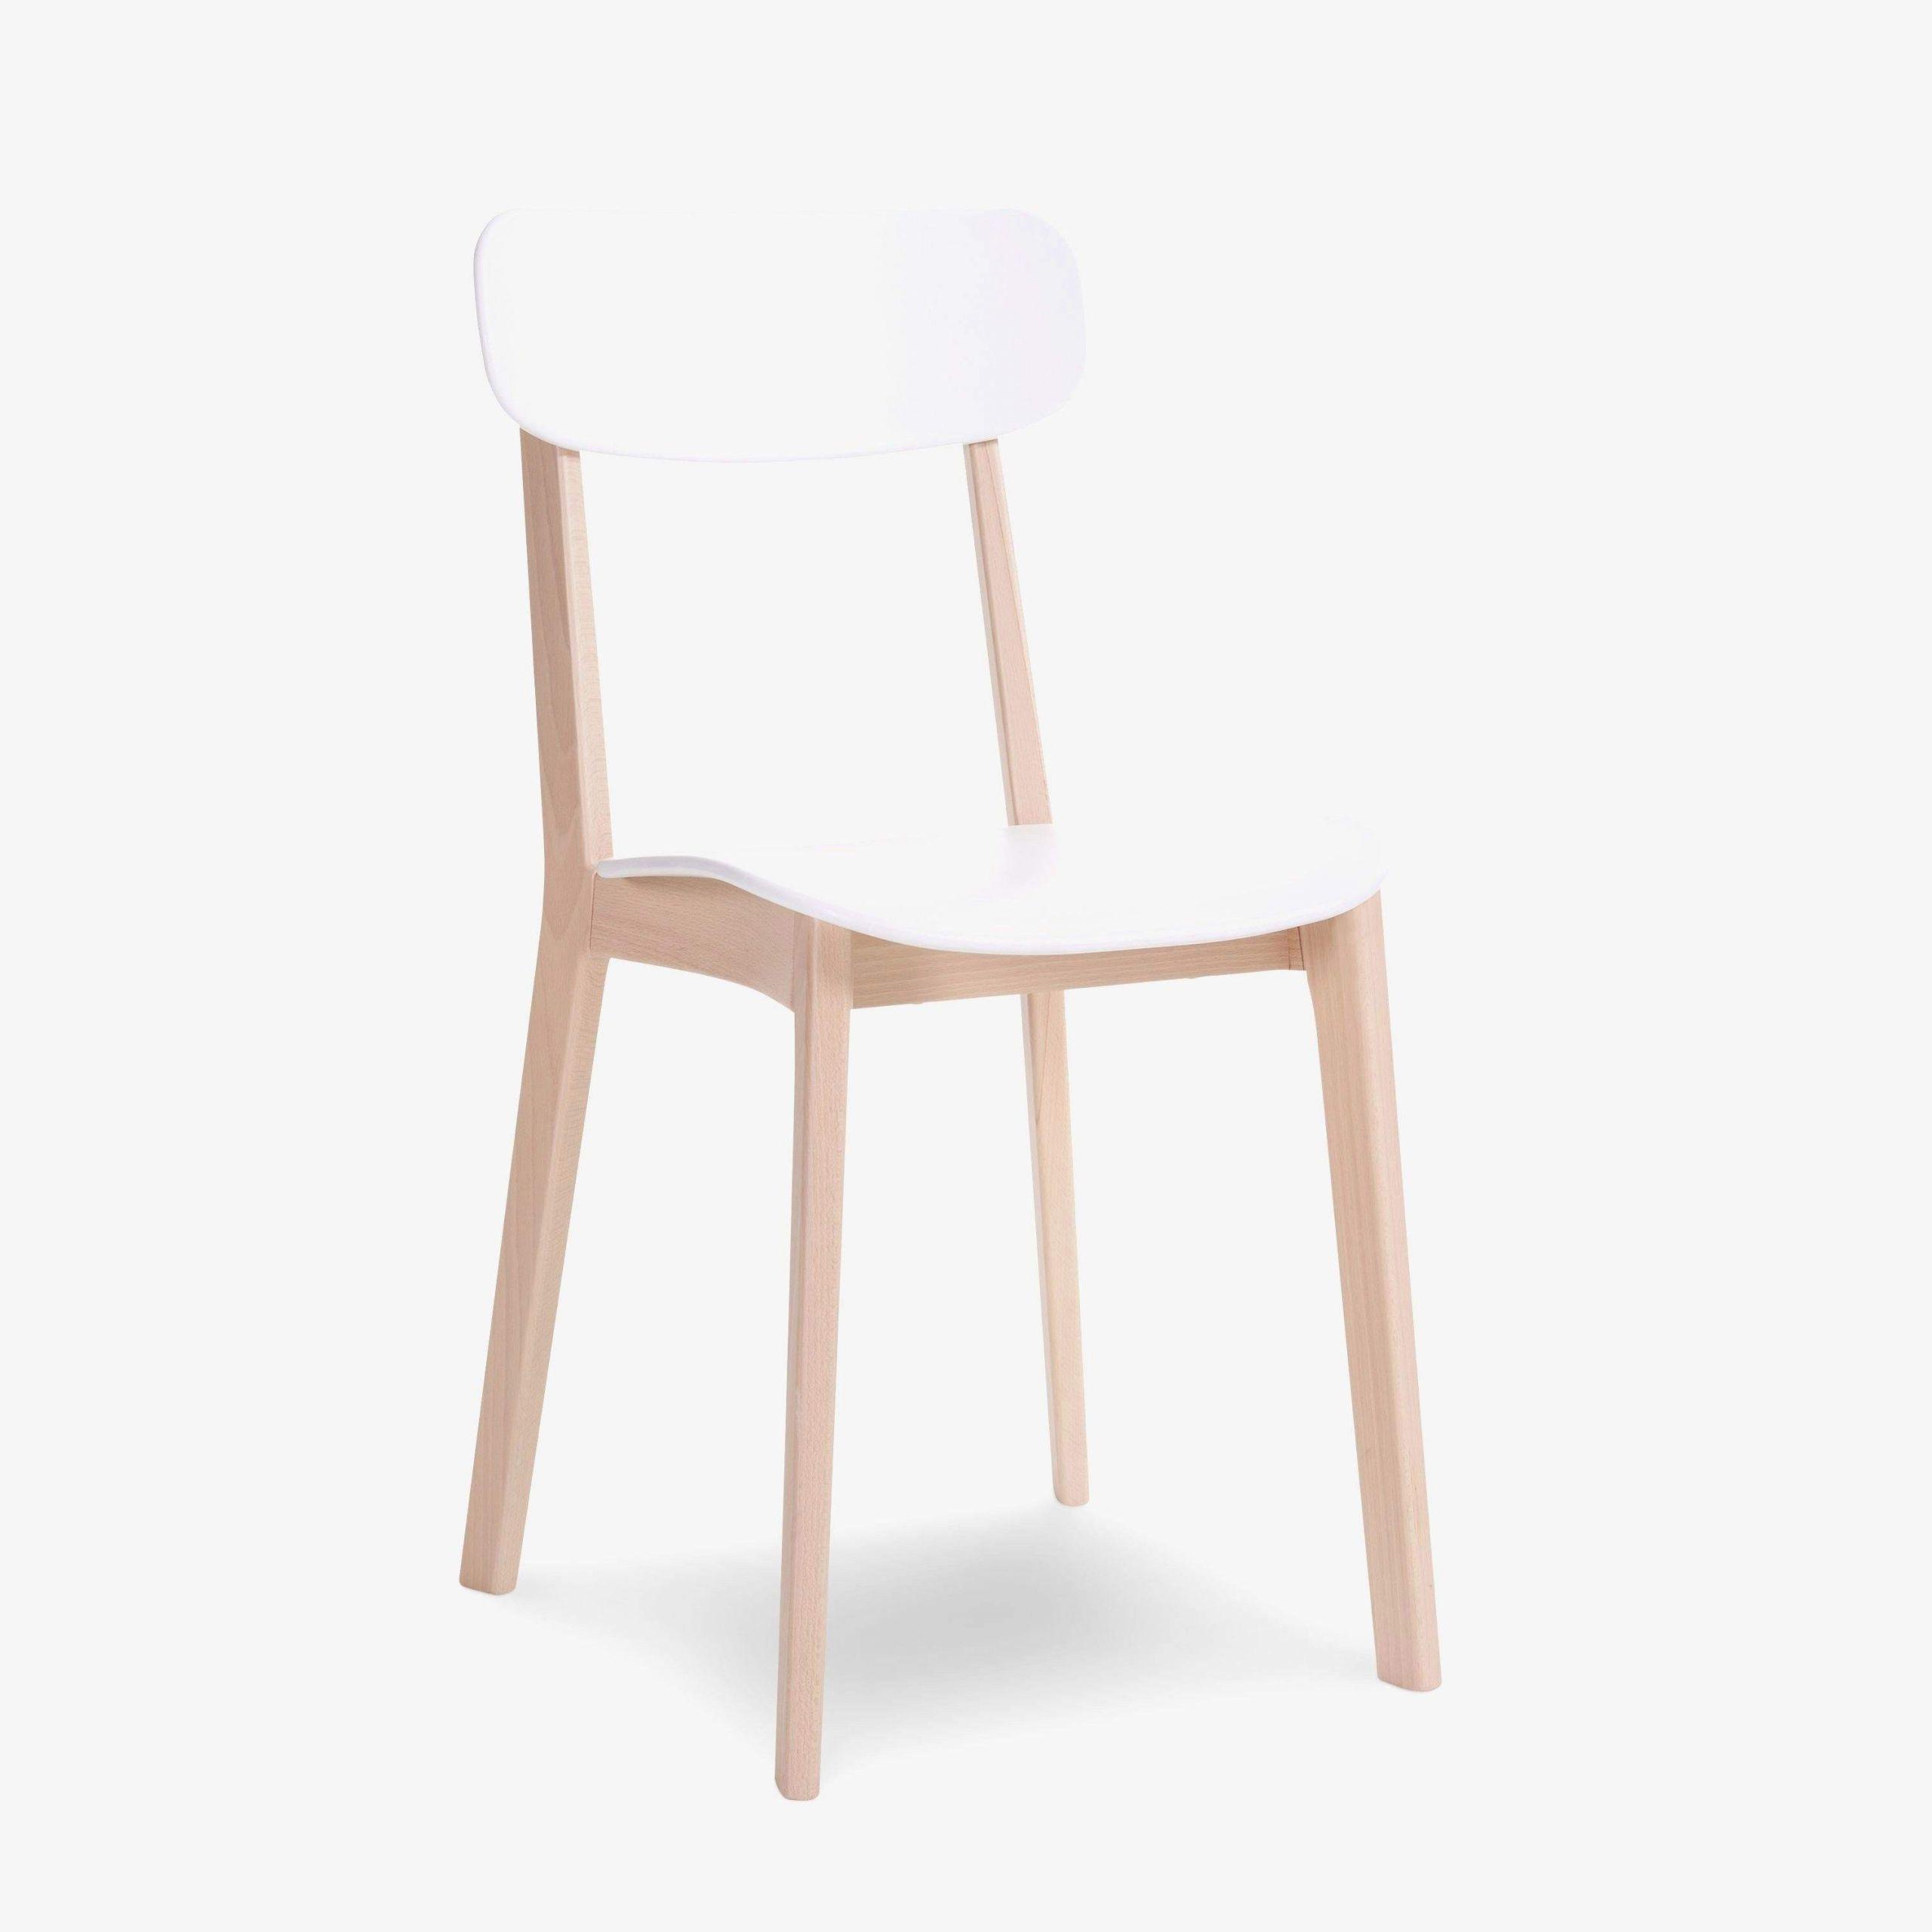 garten stuhl schon stuhl metall schwarz metall stuhl schon dr no stuhl elegant of garten stuhl scaled